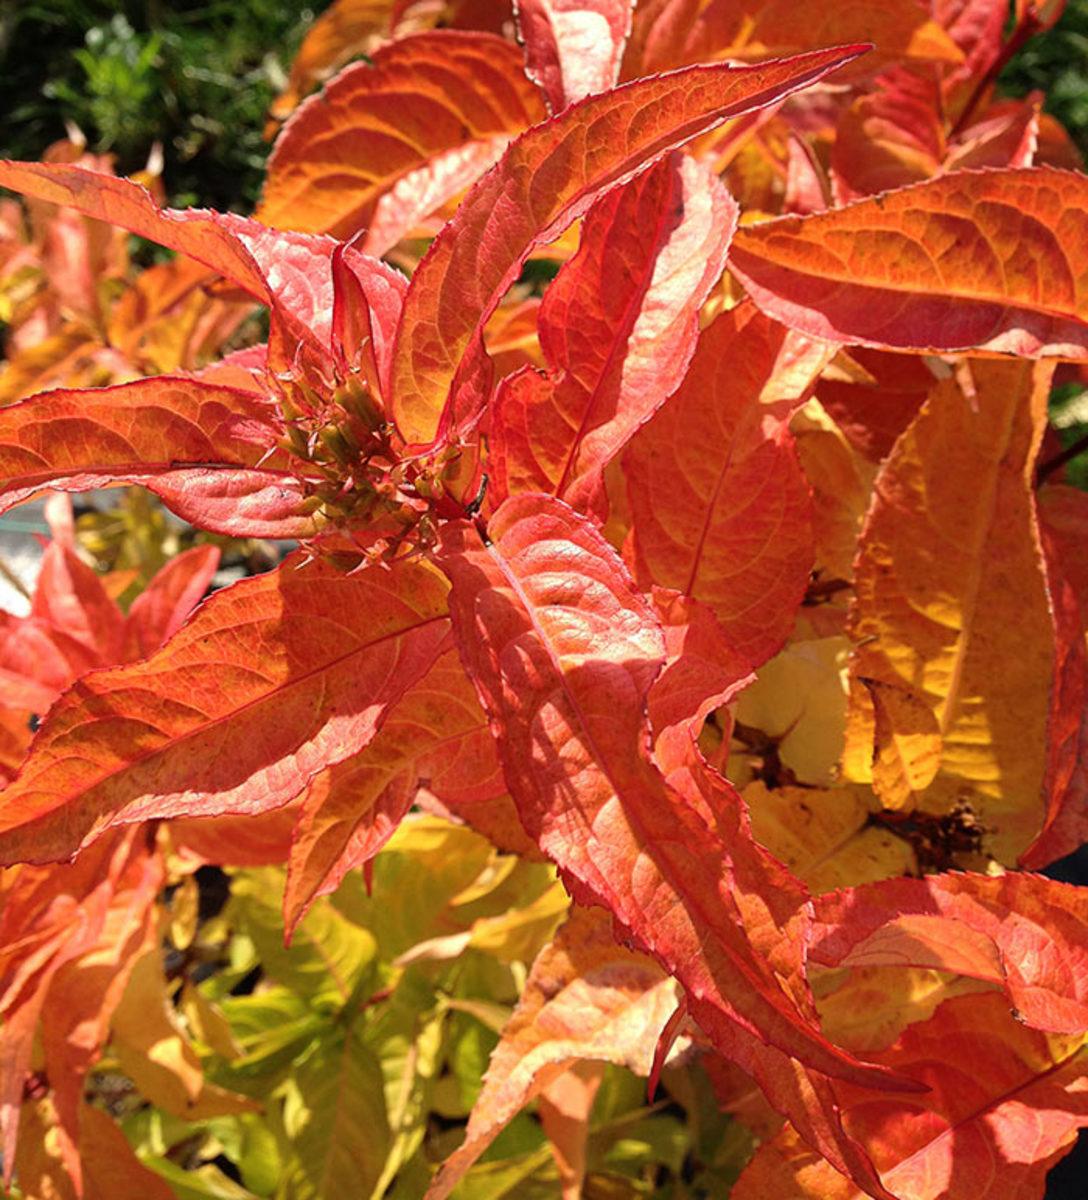 The fall foliage of Kodiak Orange diervilla is a fiery orange.